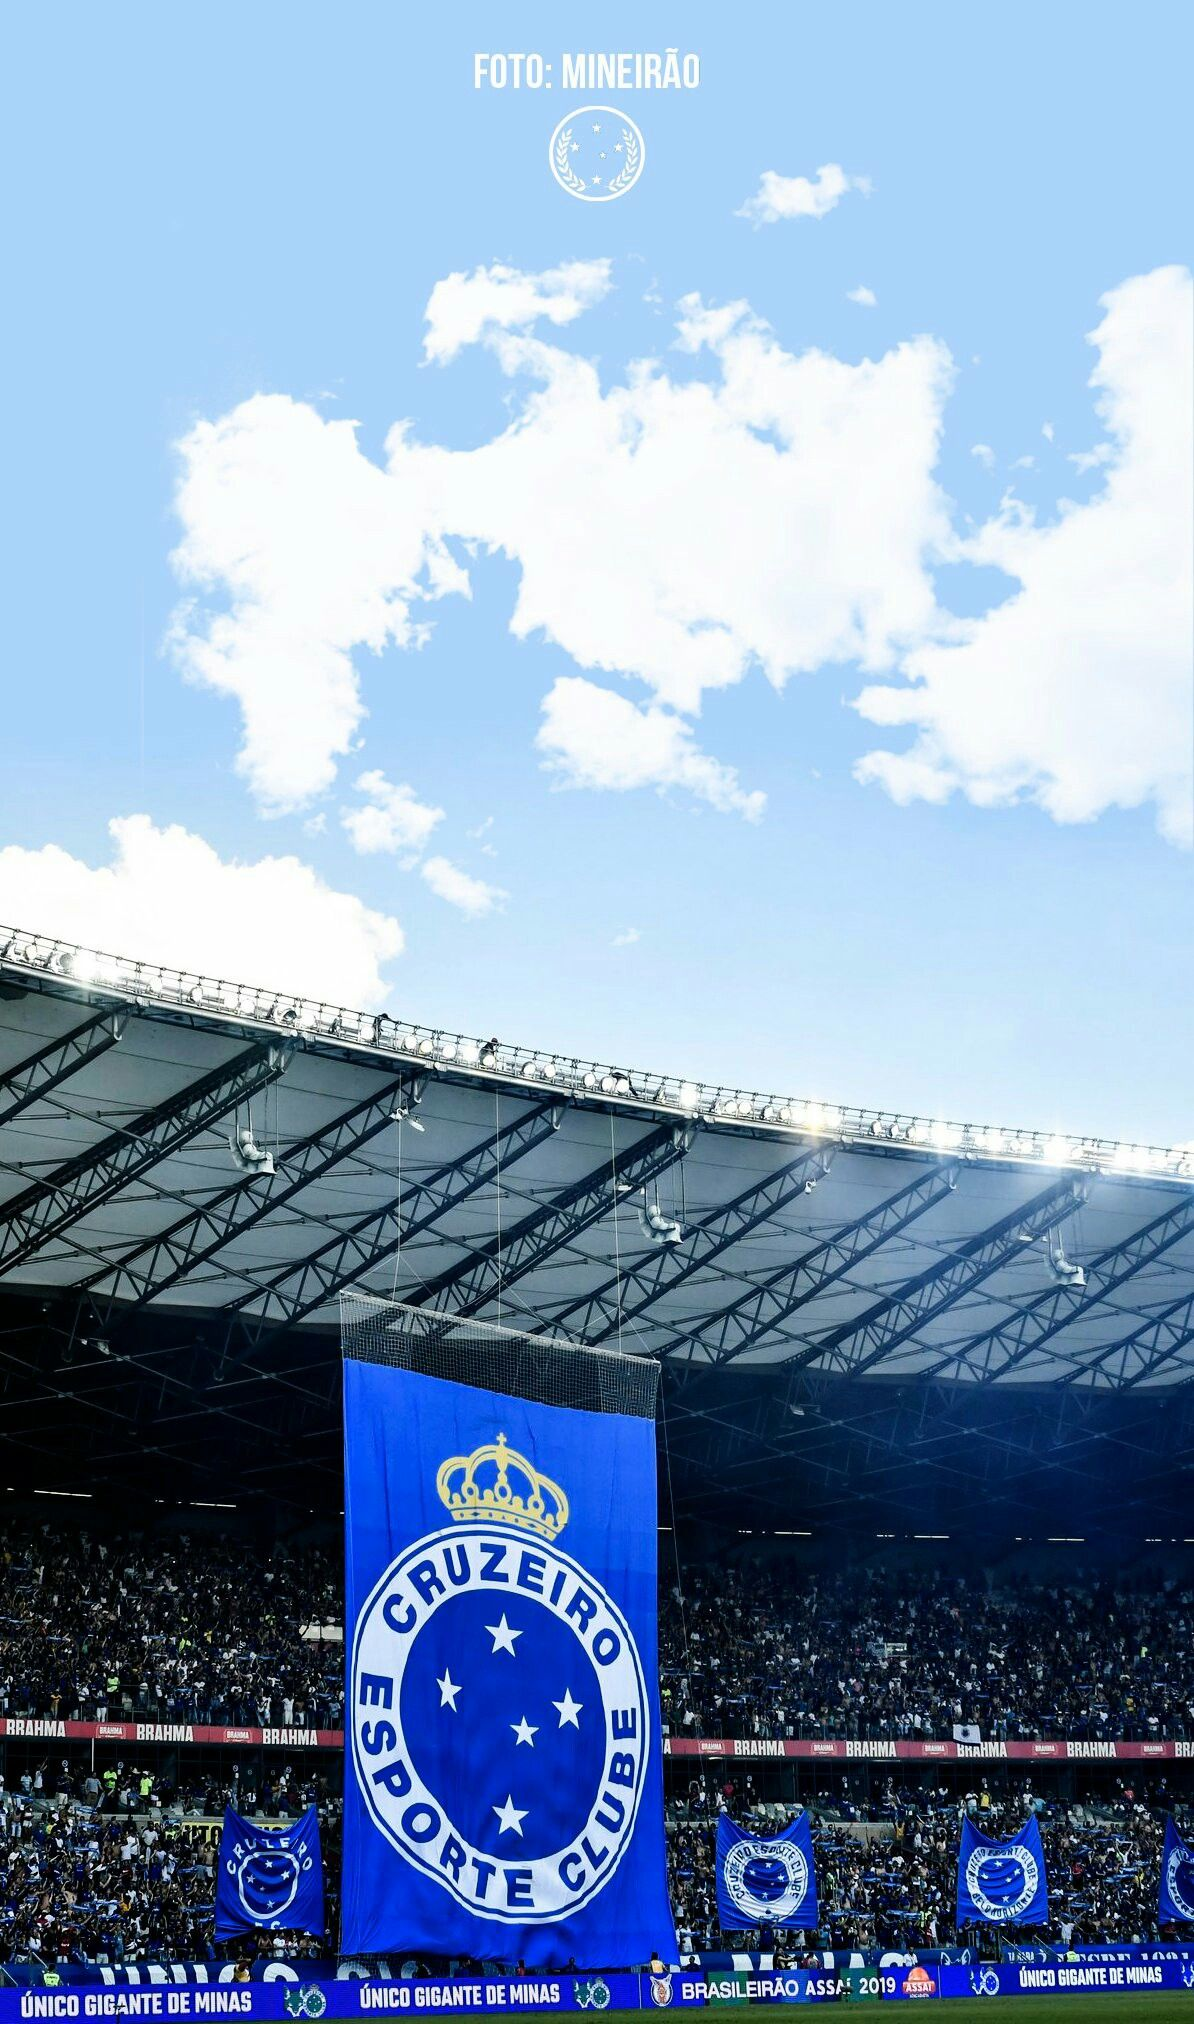 Pin De Julio Em Cruzeiro Cruzeiro Esporte Clube Clube Cruzeiro Imagens Do Cruzeiro